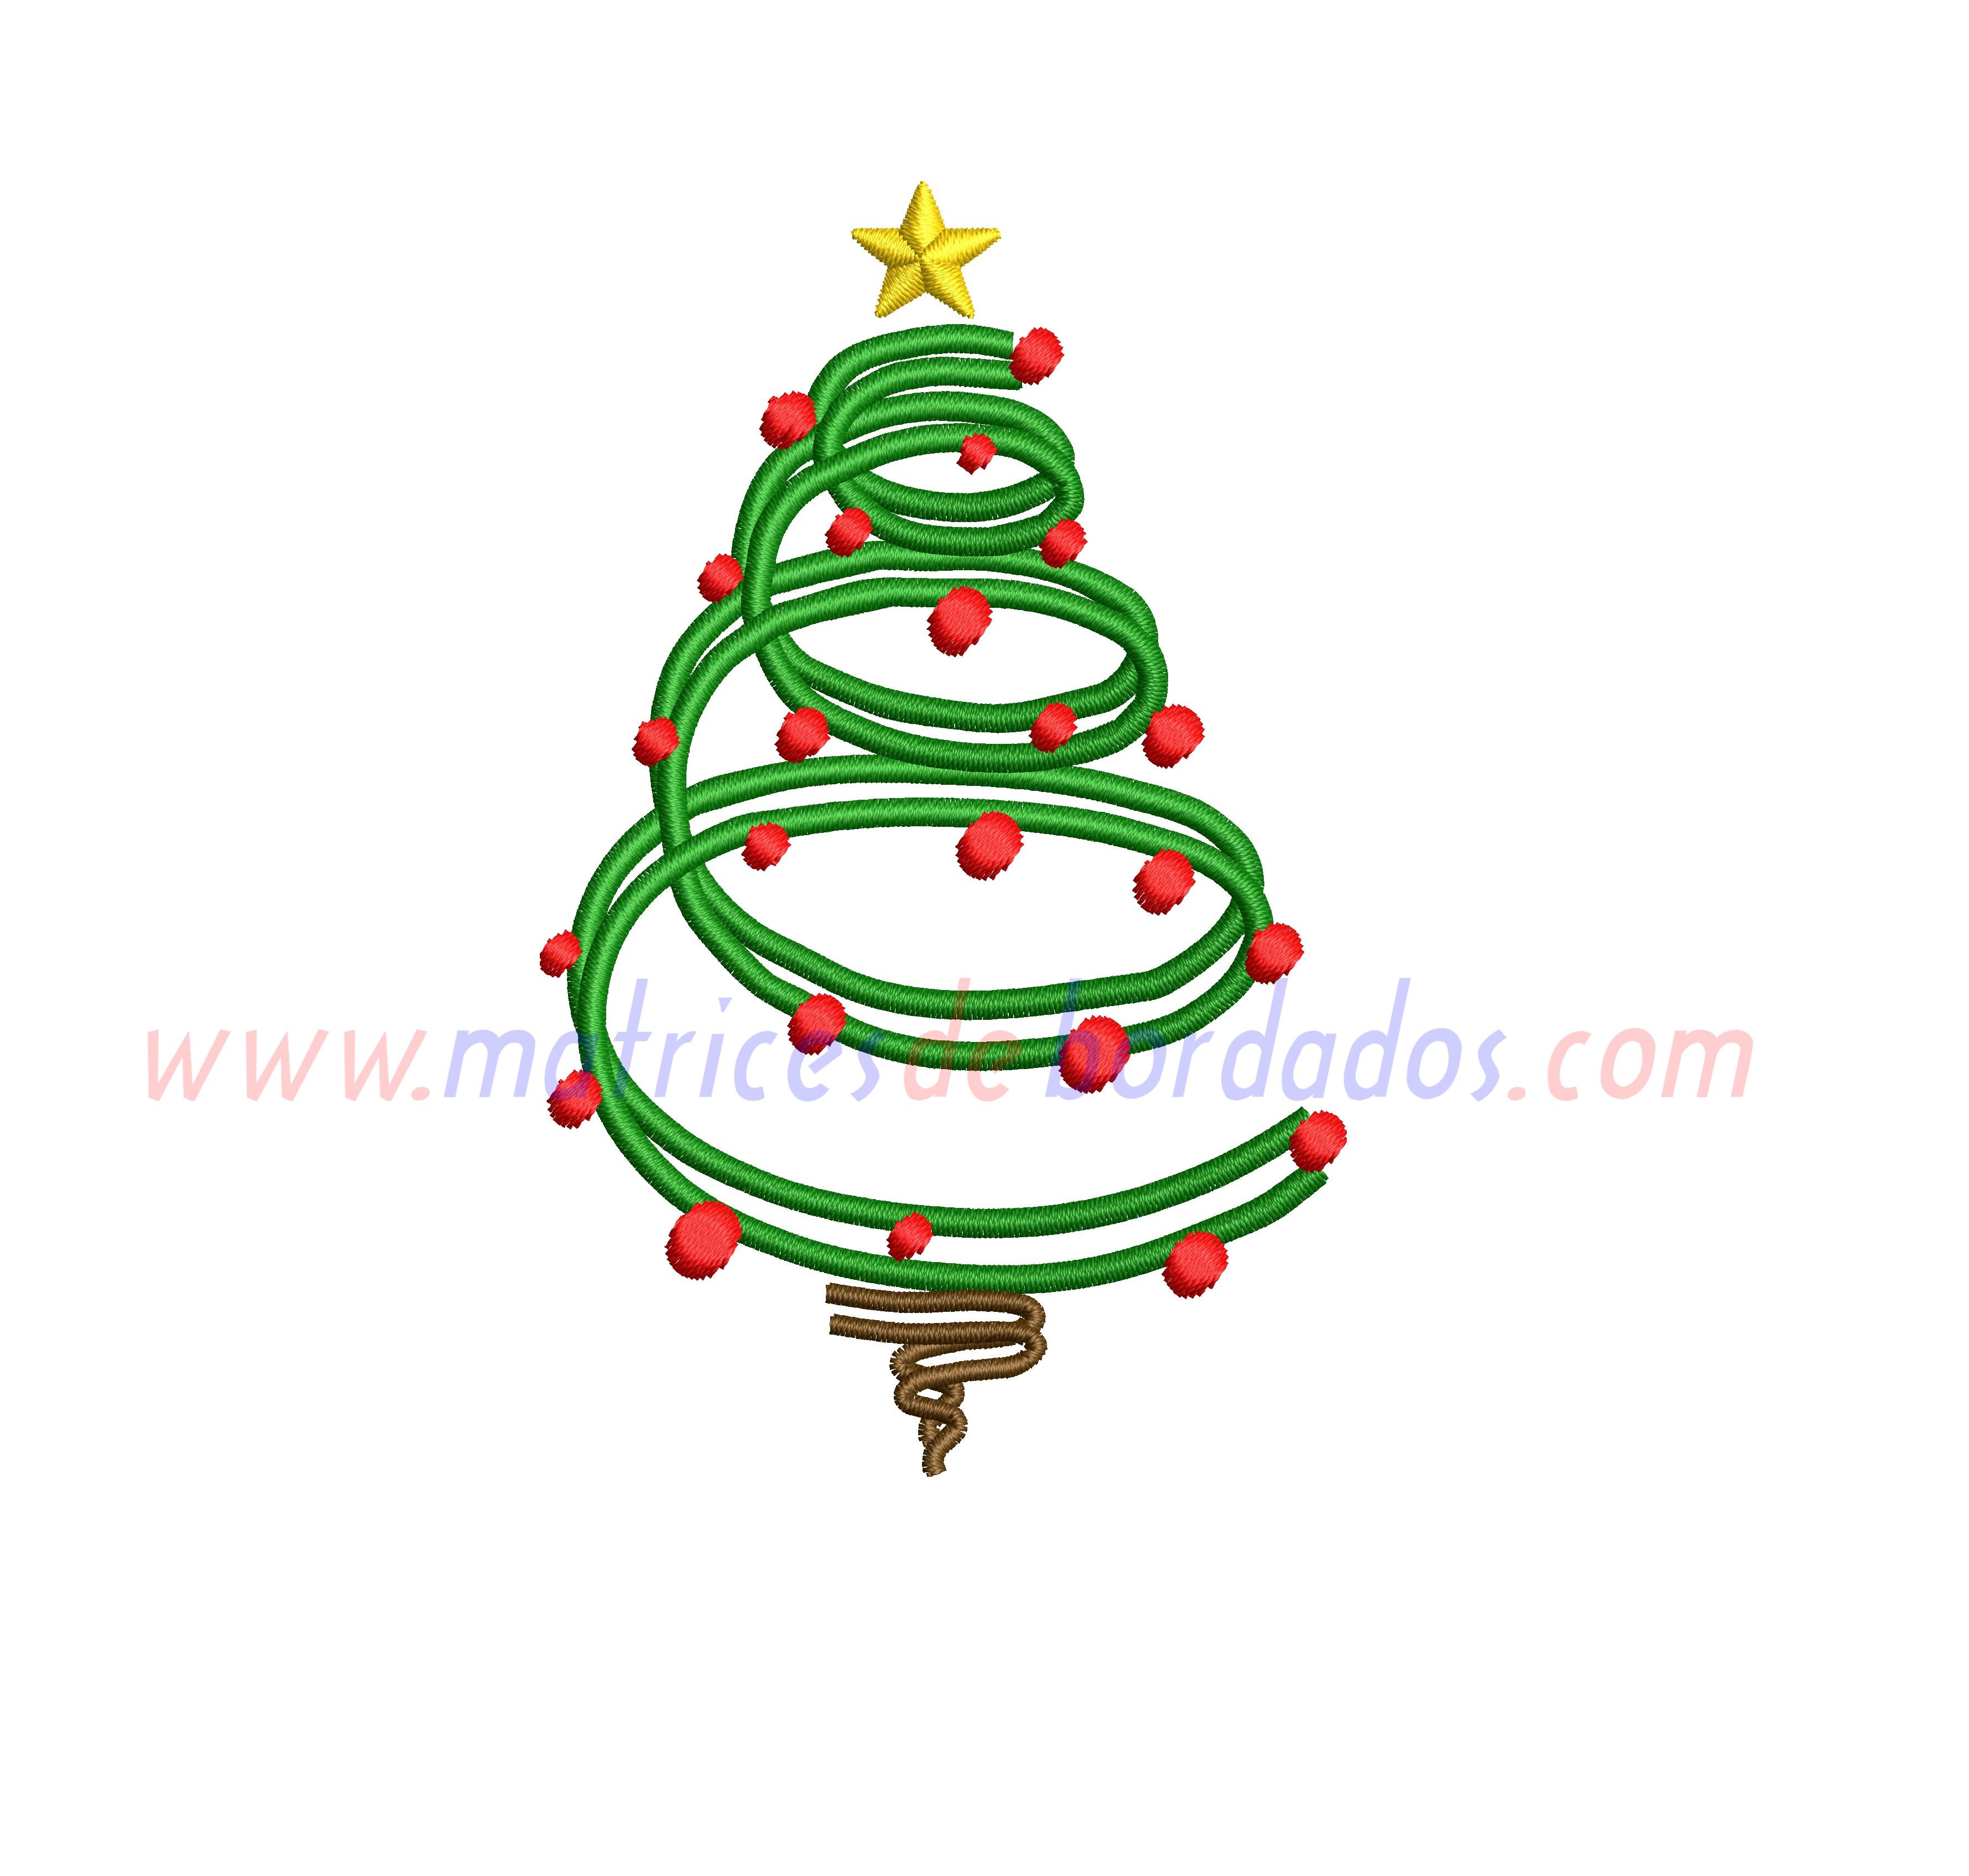 PM98YJ - Arbol de Navidad en espiral